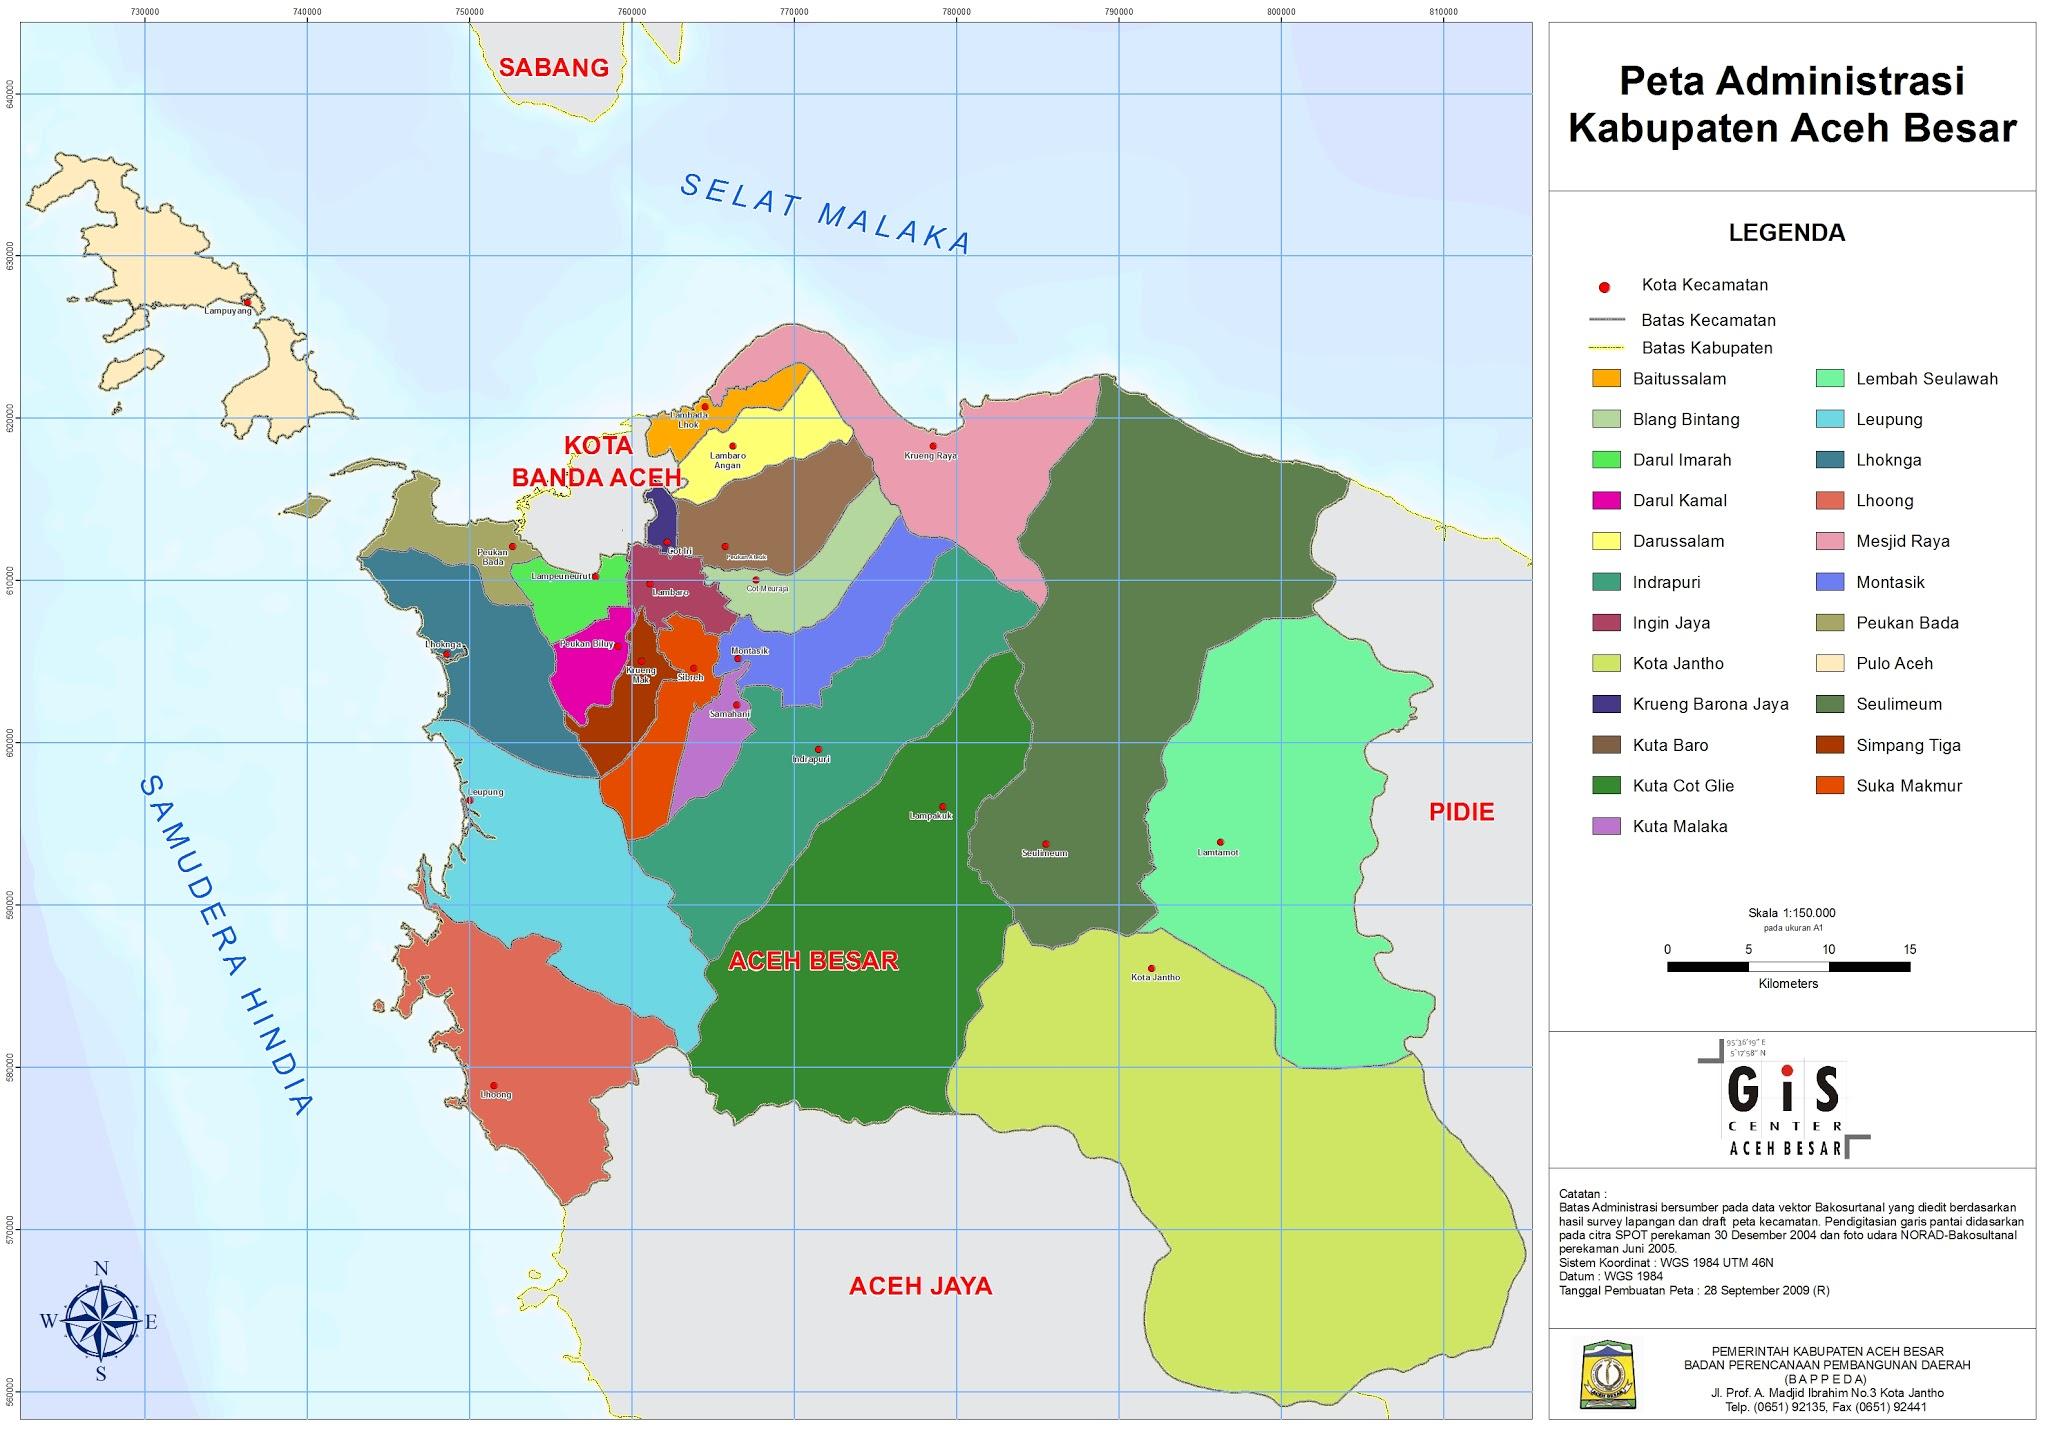 Peta Kota: Peta Kabupaten Aceh Besar